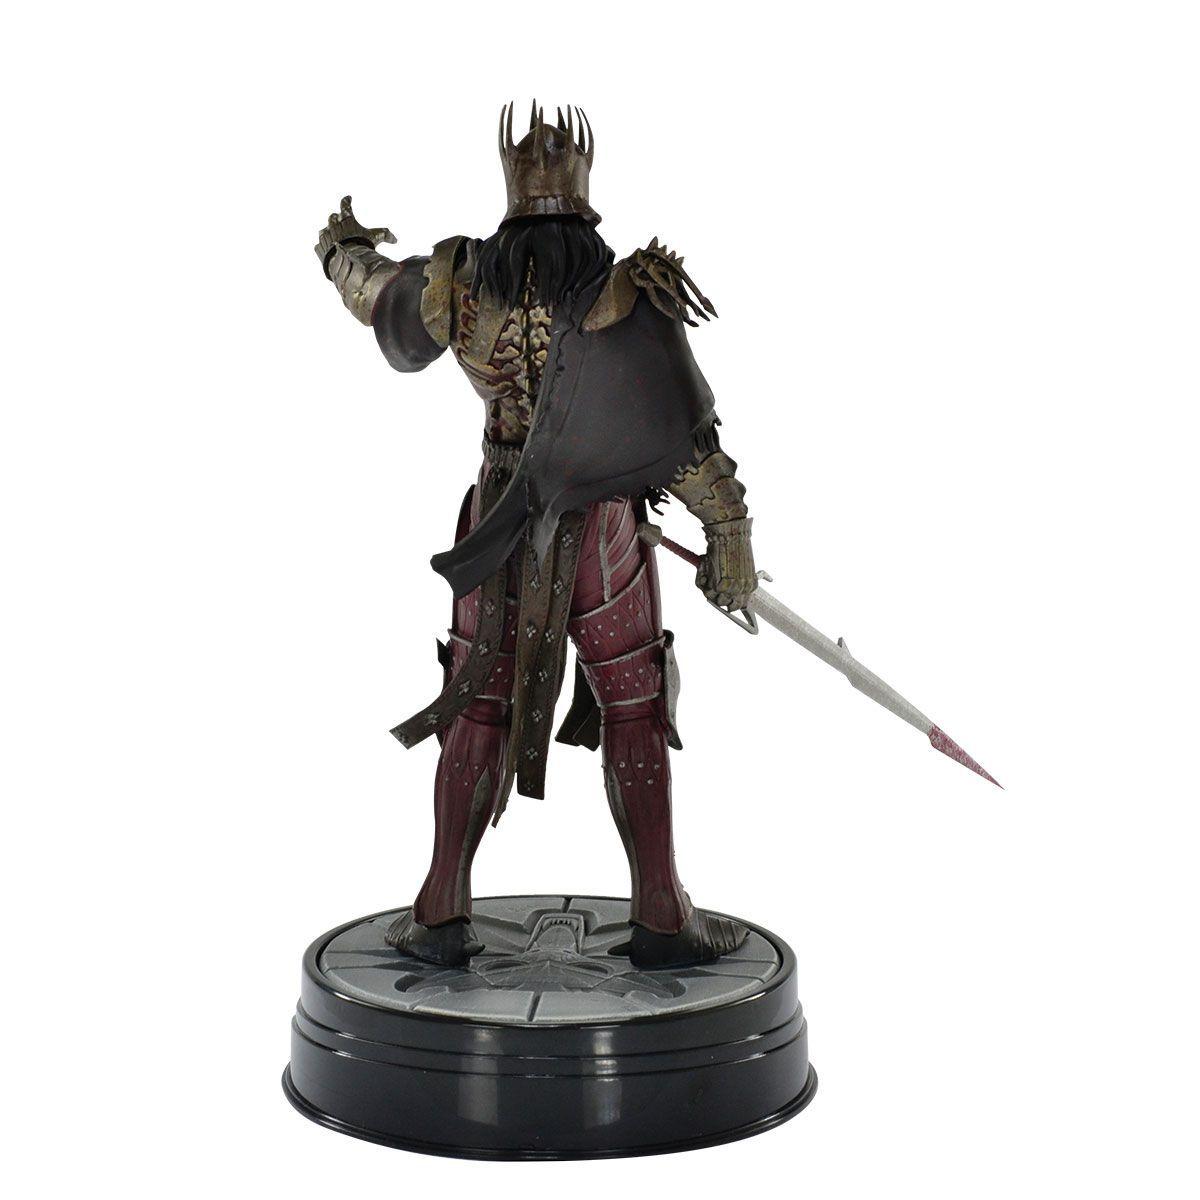 Dark Horse - The Witcher 3 - KING EREDIN